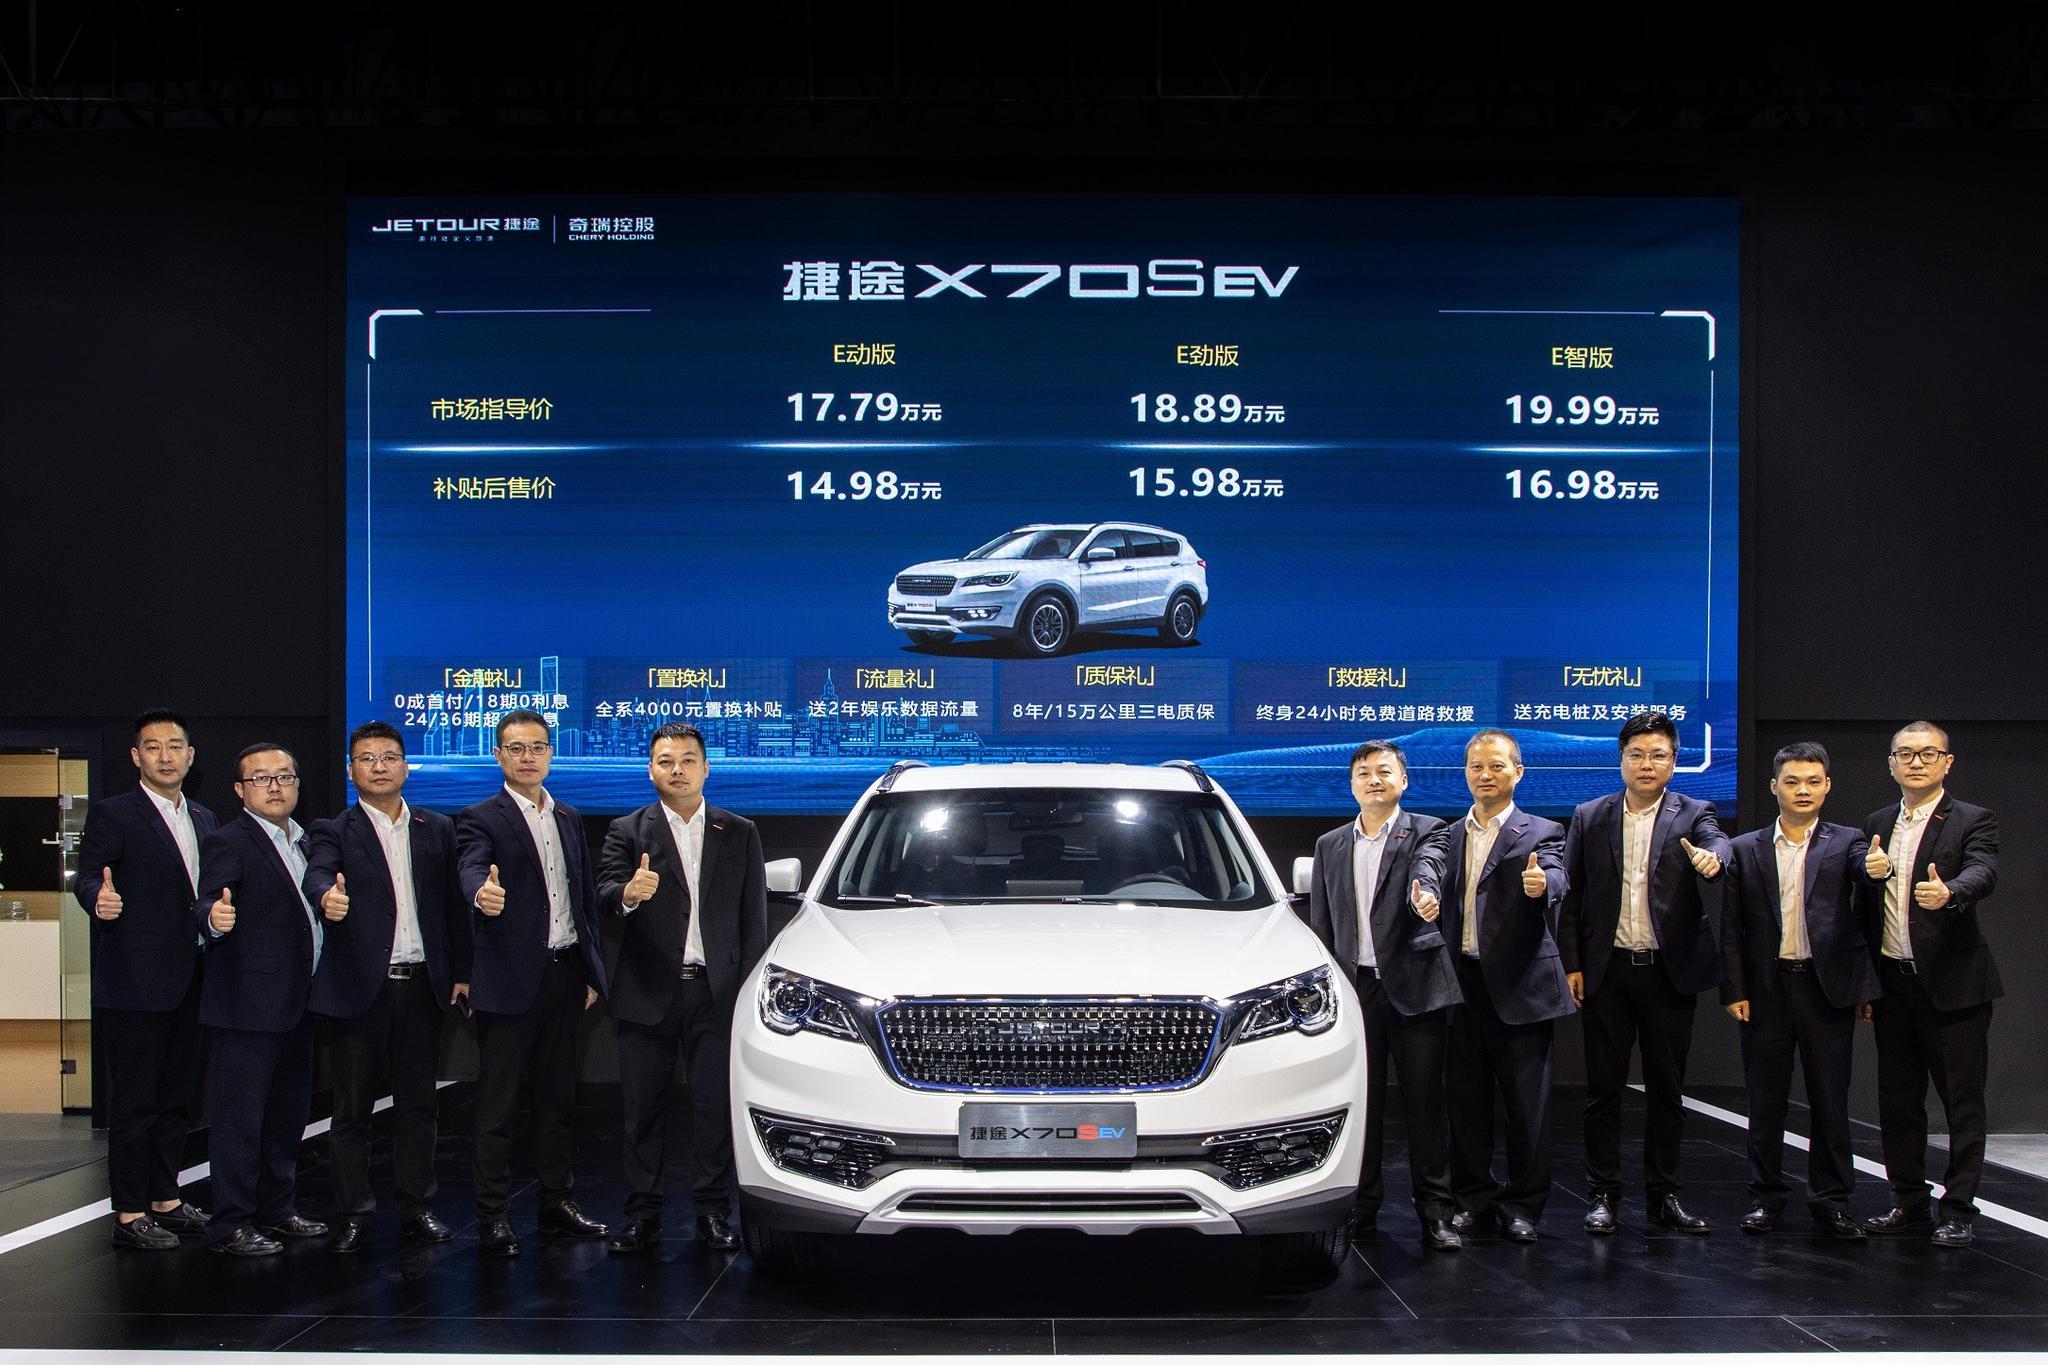 捷途首款纯电动X70S EV上市,14.98万元起售